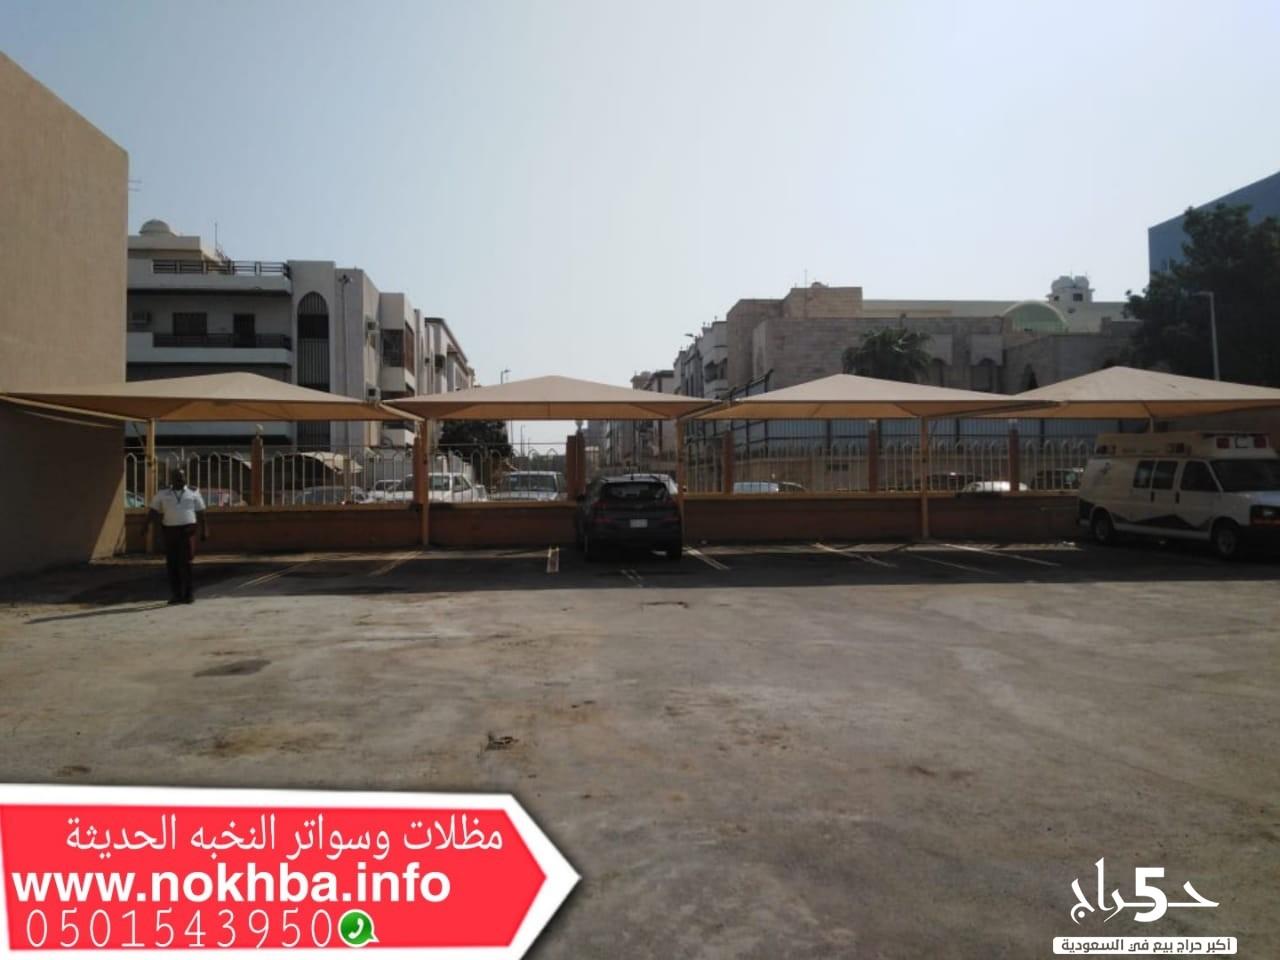 تركيب مظلات و بيوت شعر الرياض , 0501543950 , تفصيل بيوت شعر , تركيب مظلات سيارات ,